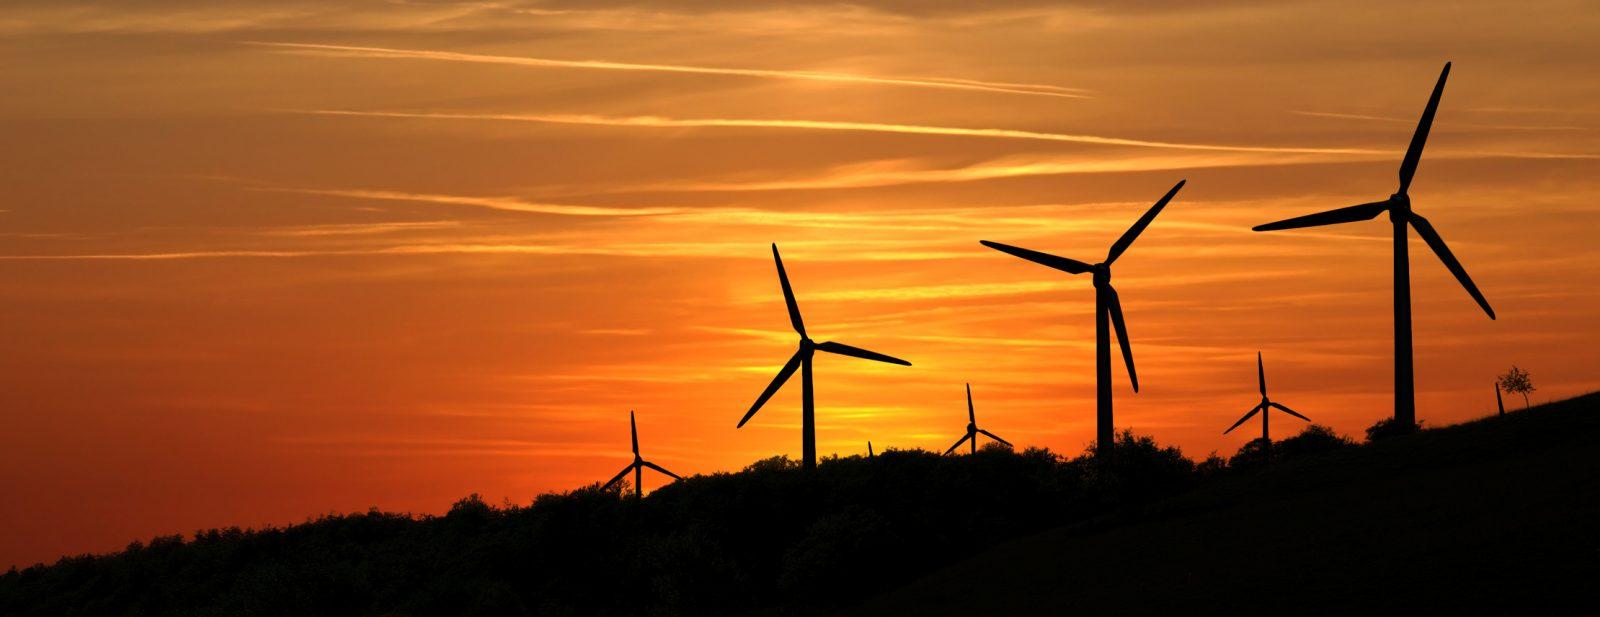 El futuro energético de Galicia - Inscríbete a la Jornada